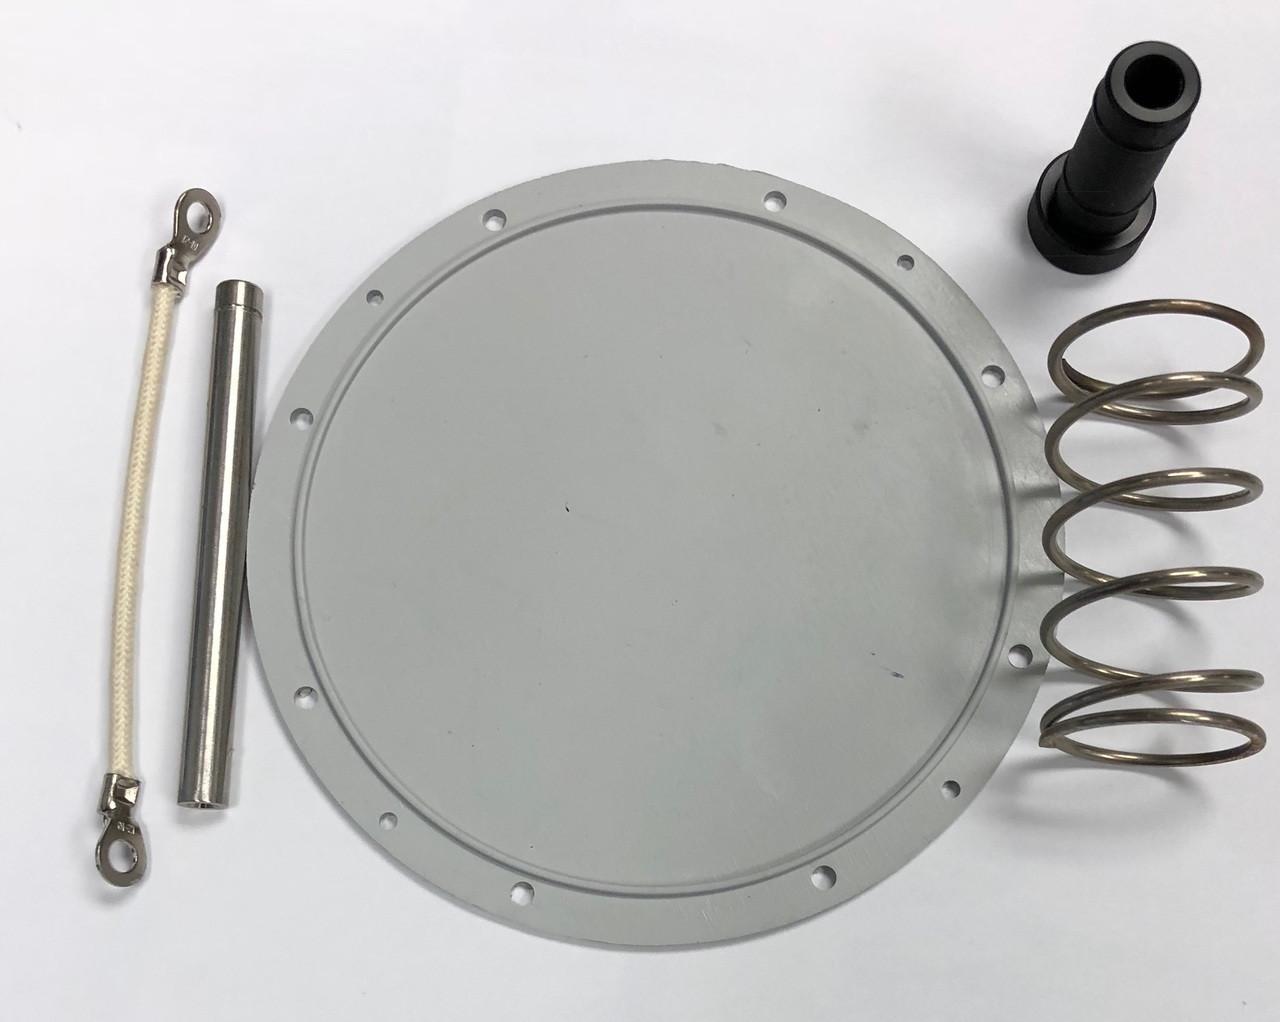 MiniPack Sealing Bar Bladder Rebuilding Kit - ME450RBL